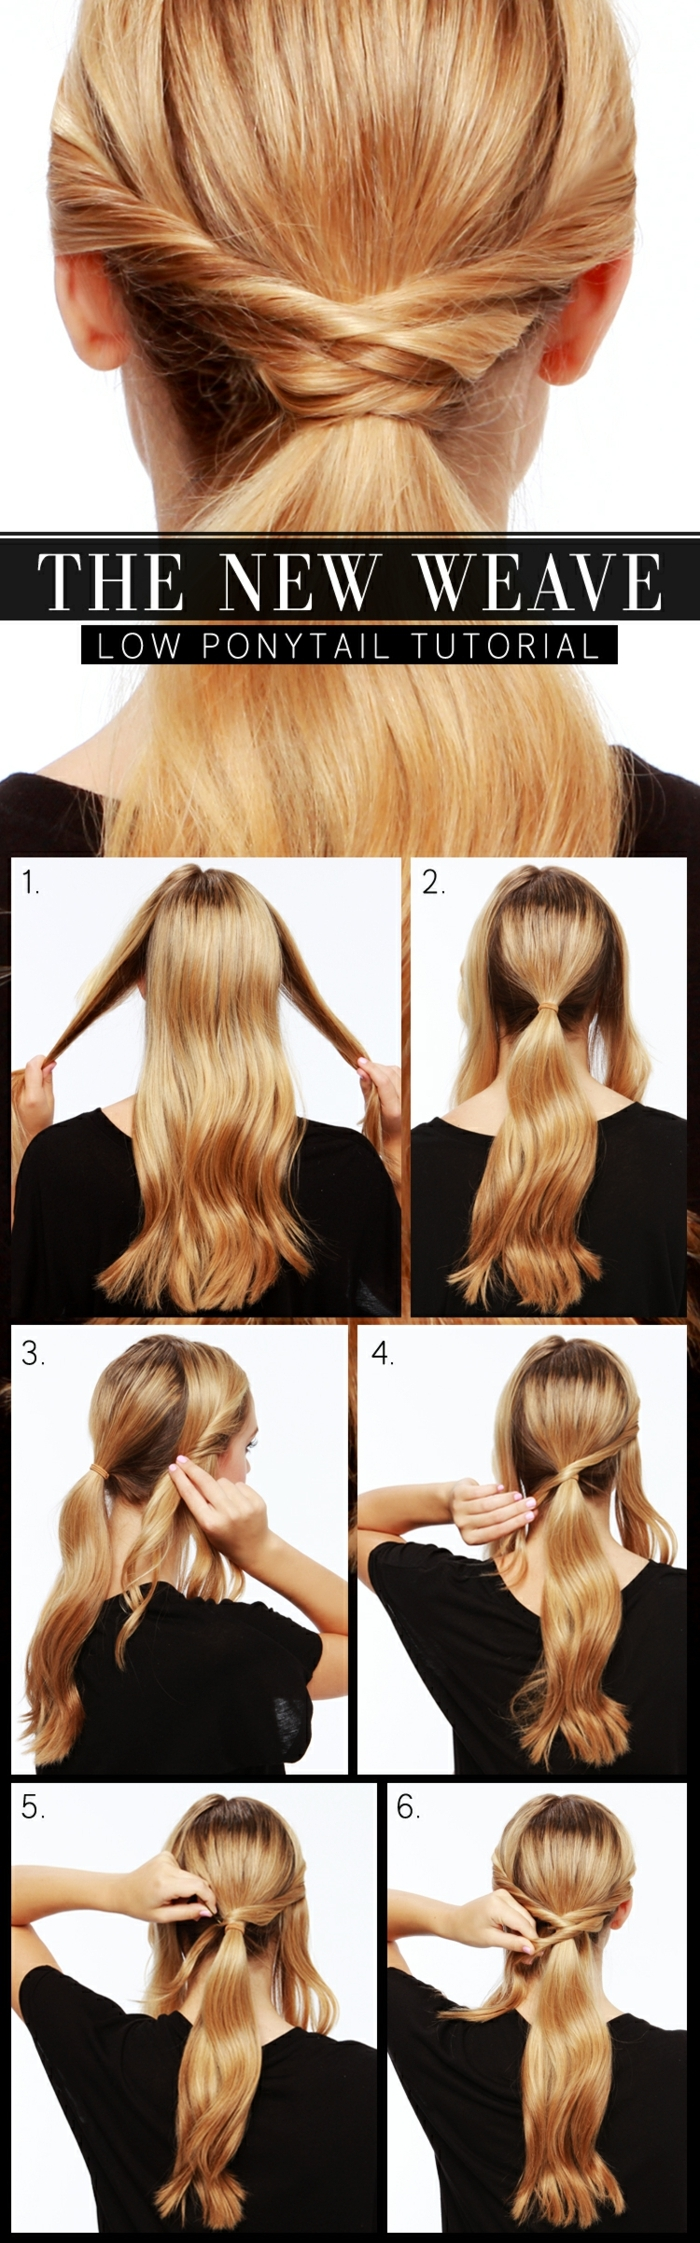 schöne Frisuren für lange Haare, ein Pferdeschwanz in sechs Schritten von blonden Haaren